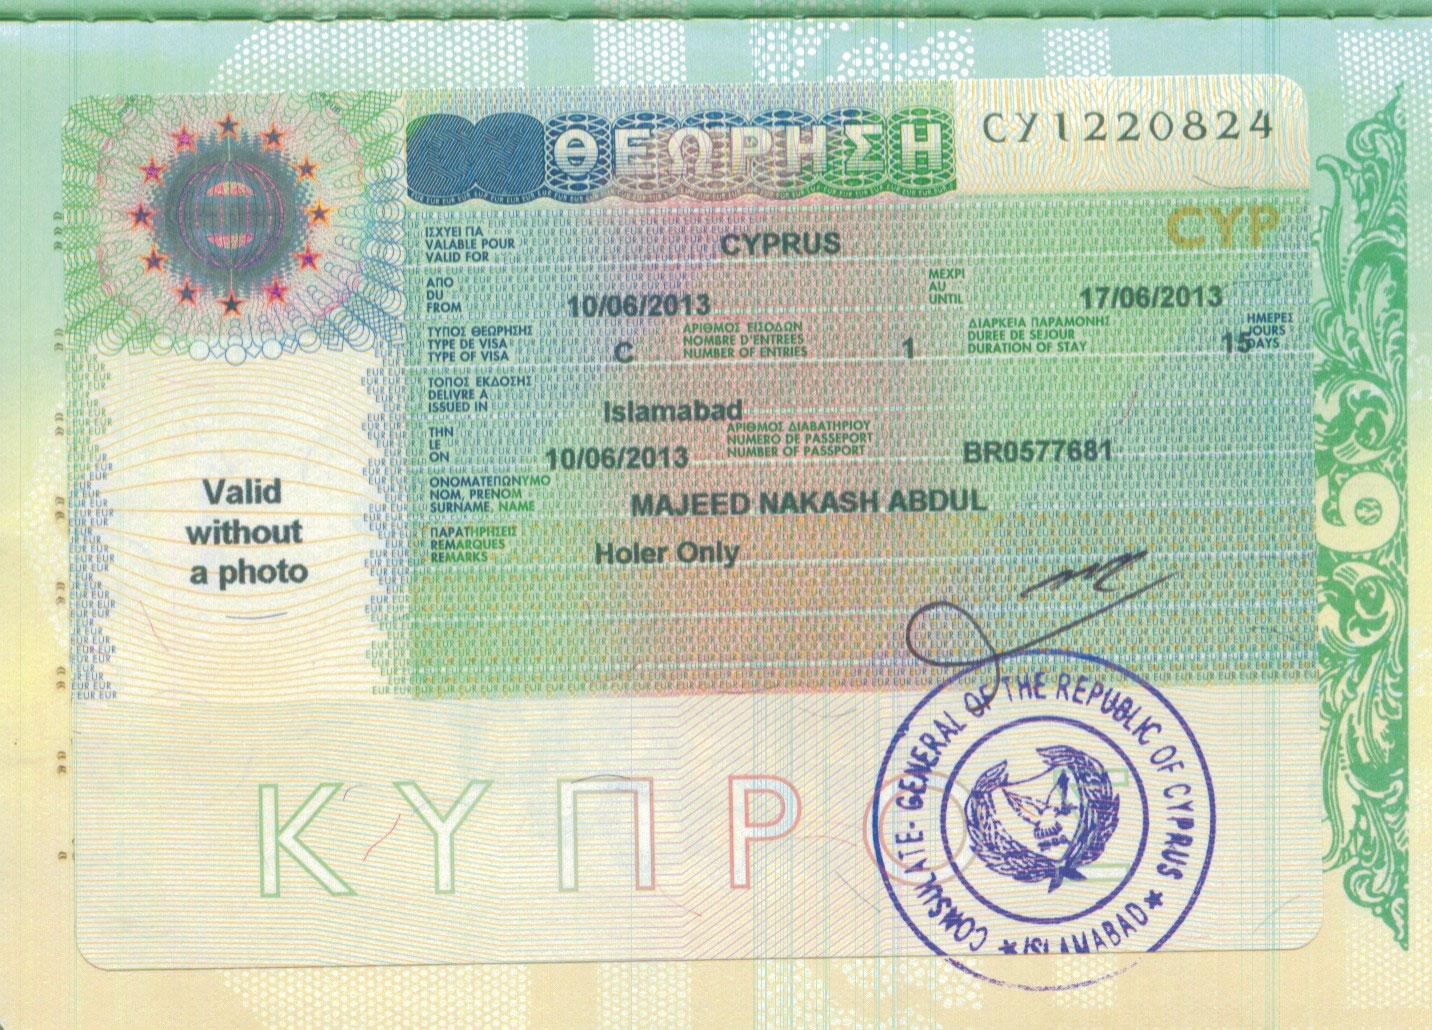 Так выглядит кипрская виза